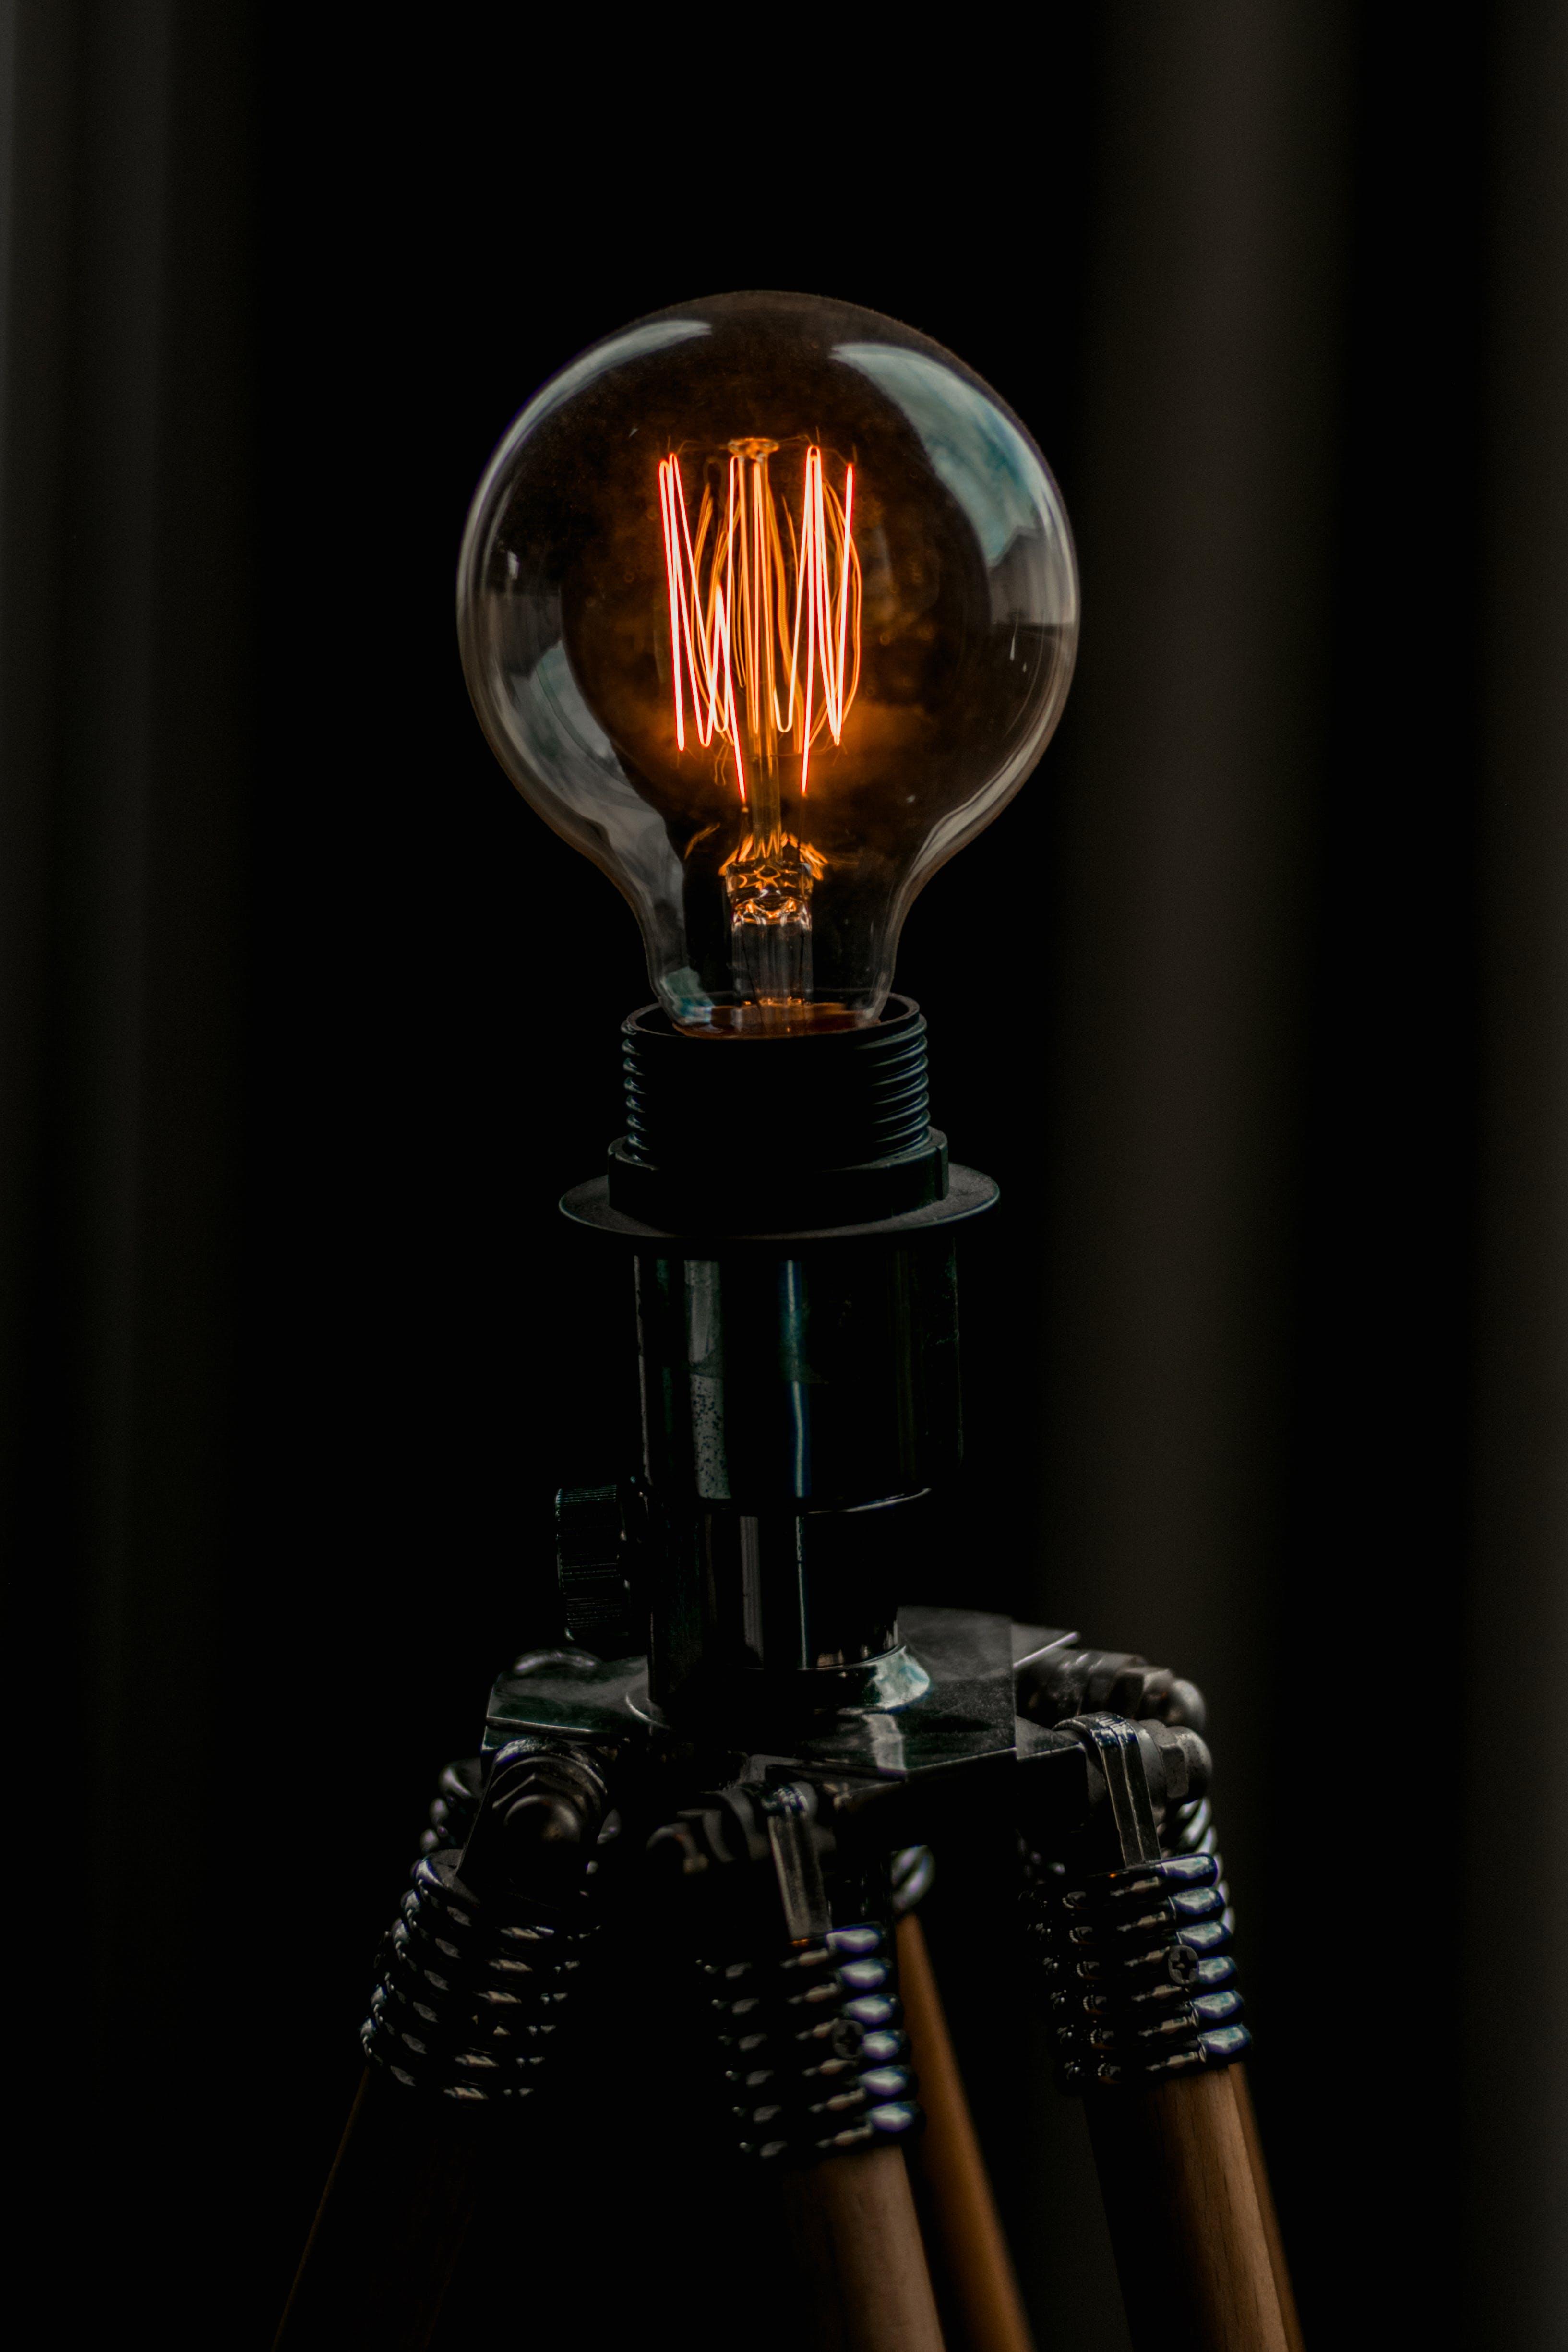 Kostenloses Stock Foto zu elektrizität, glühbirne, glühend, glühfaden